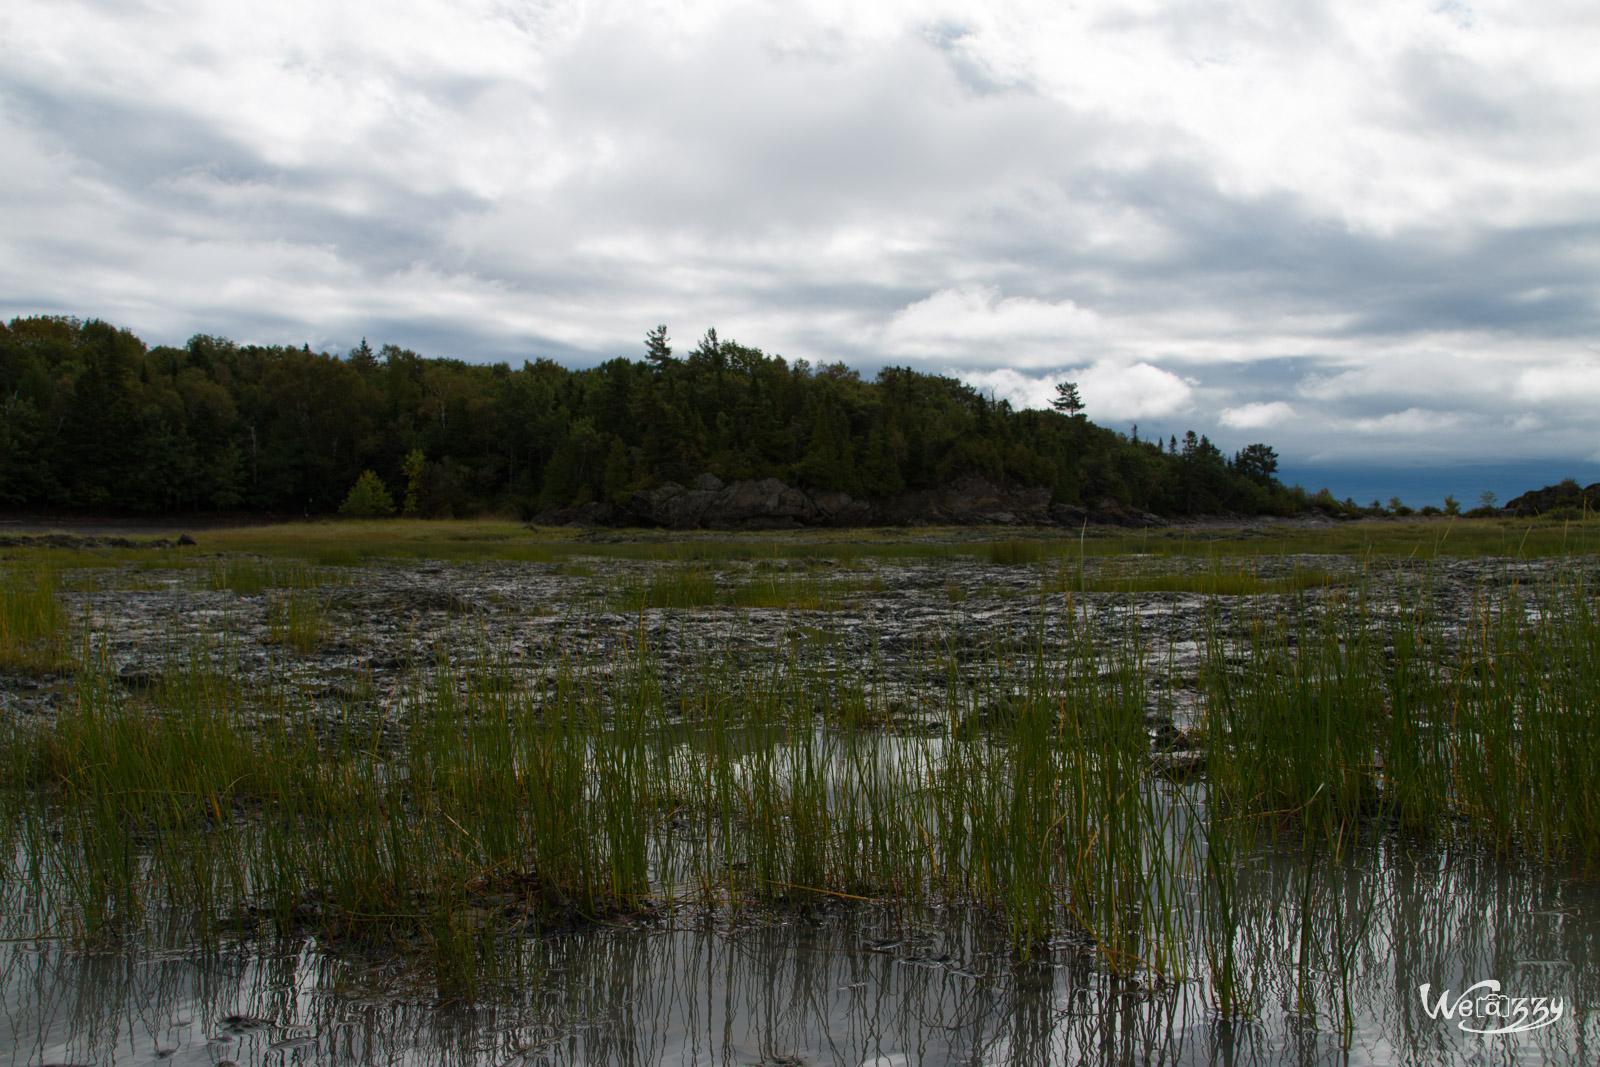 Canada, Ile aux grues, Montmagny, Quebec